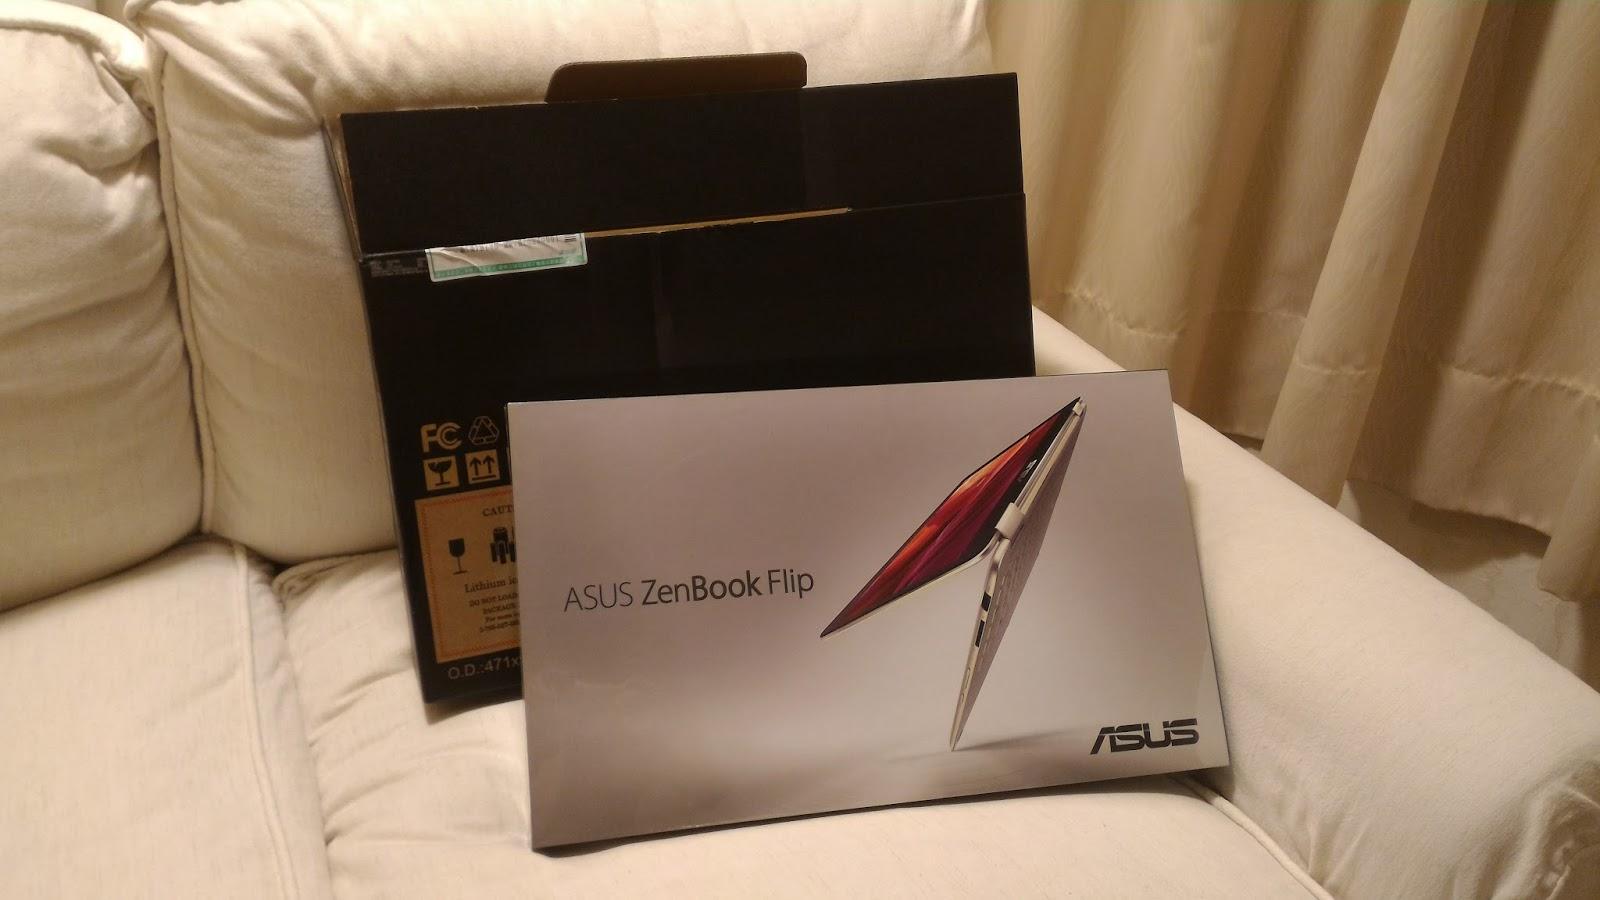 P 20160506 225959 SRES - [開箱] Asus Zenbook Flip UX306CA 極致輕薄、360度自由翻轉